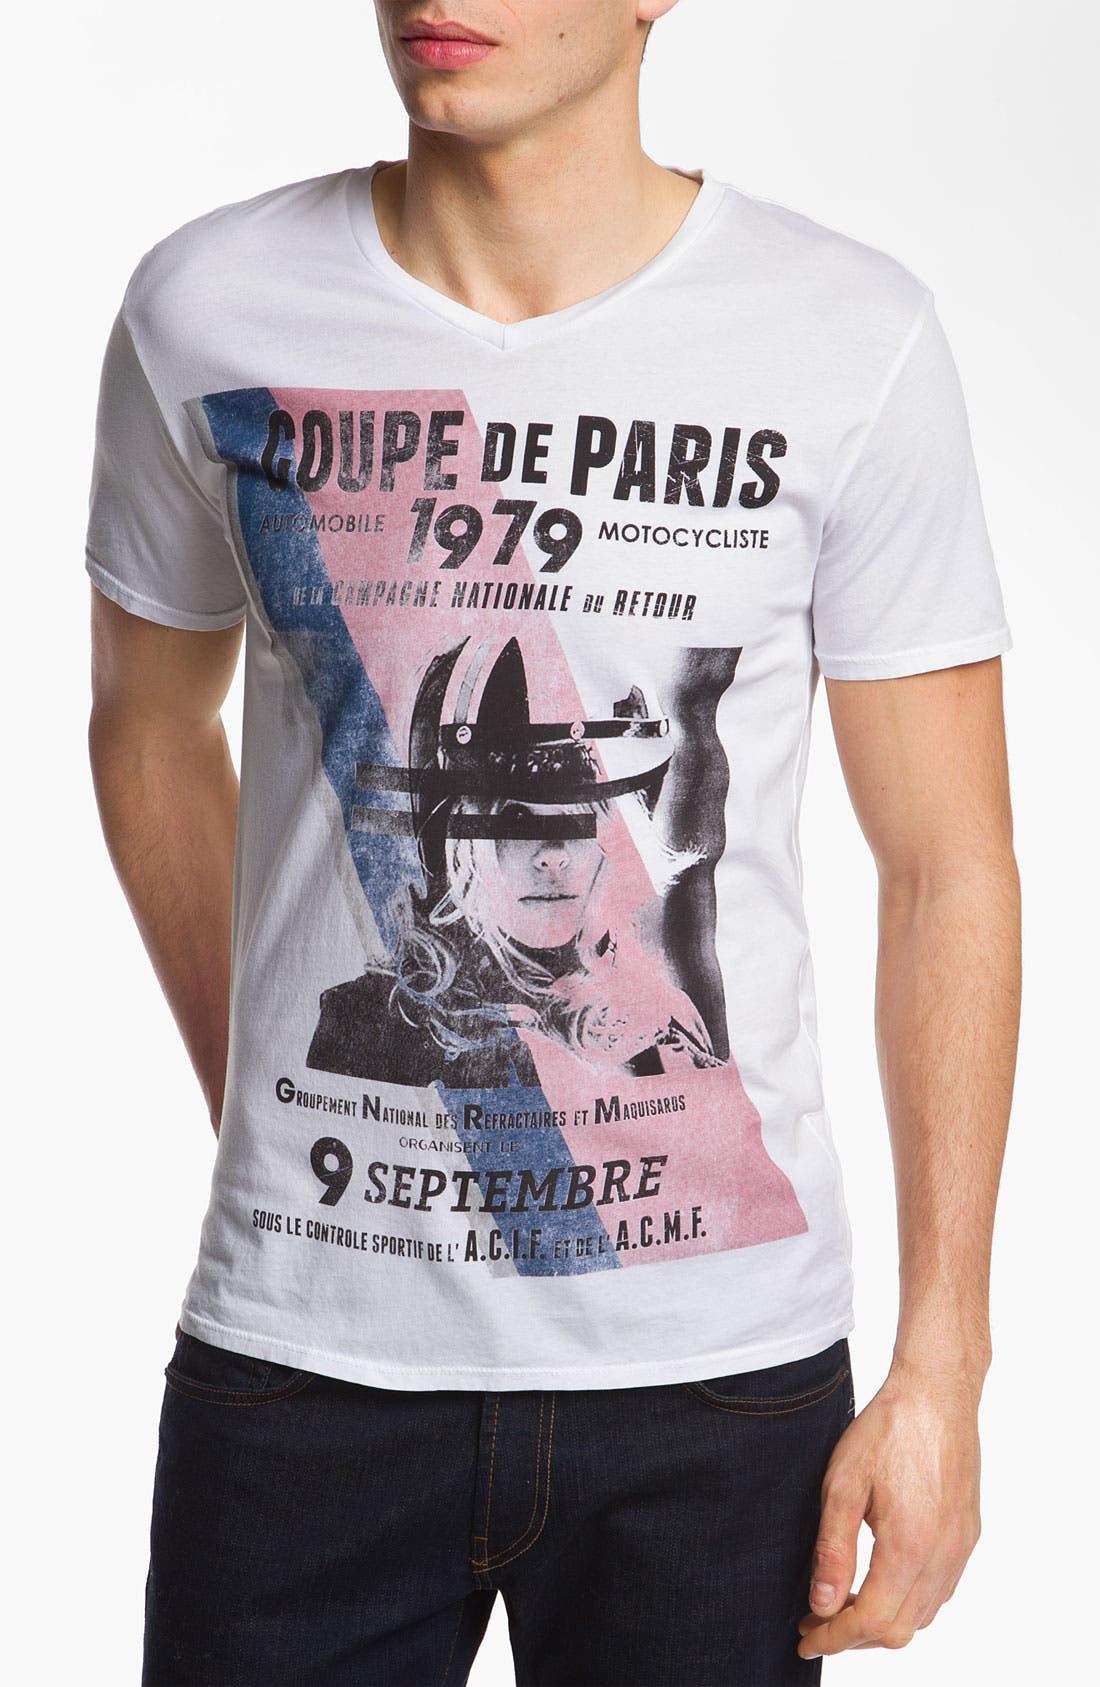 Alternate Image 1 Selected - Scott Free 'Coupe de Paris' Graphic T-Shirt